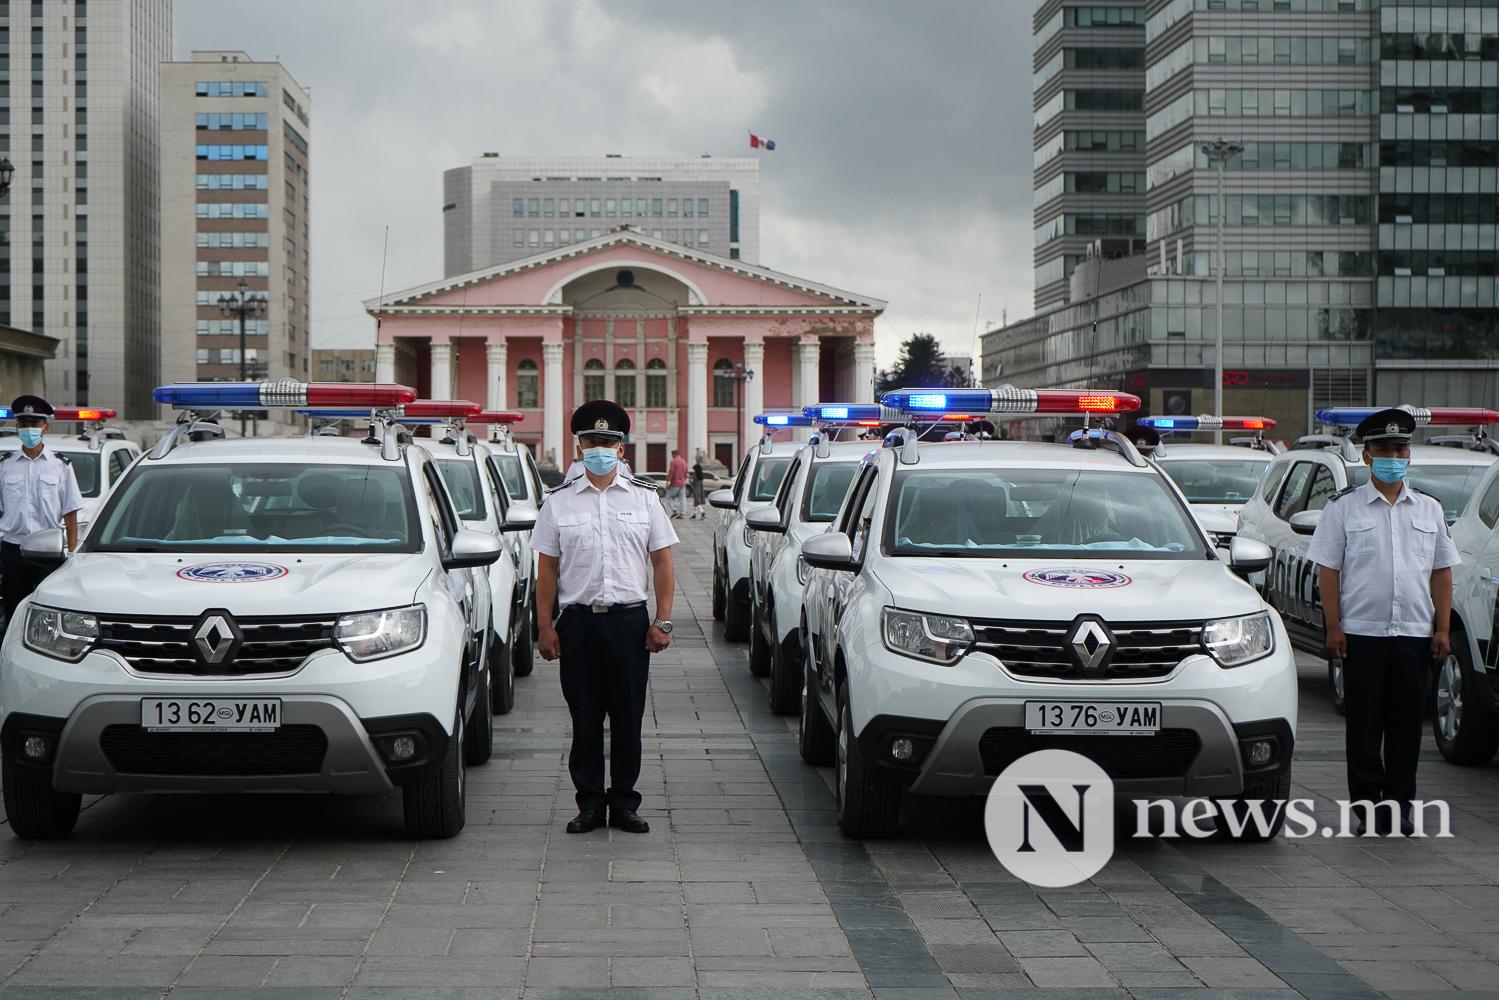 Нийслэлийн эрүүл мэнд, цагдаагийн байгууллагад 92 автомашин гардуулж байна (15 of 45)